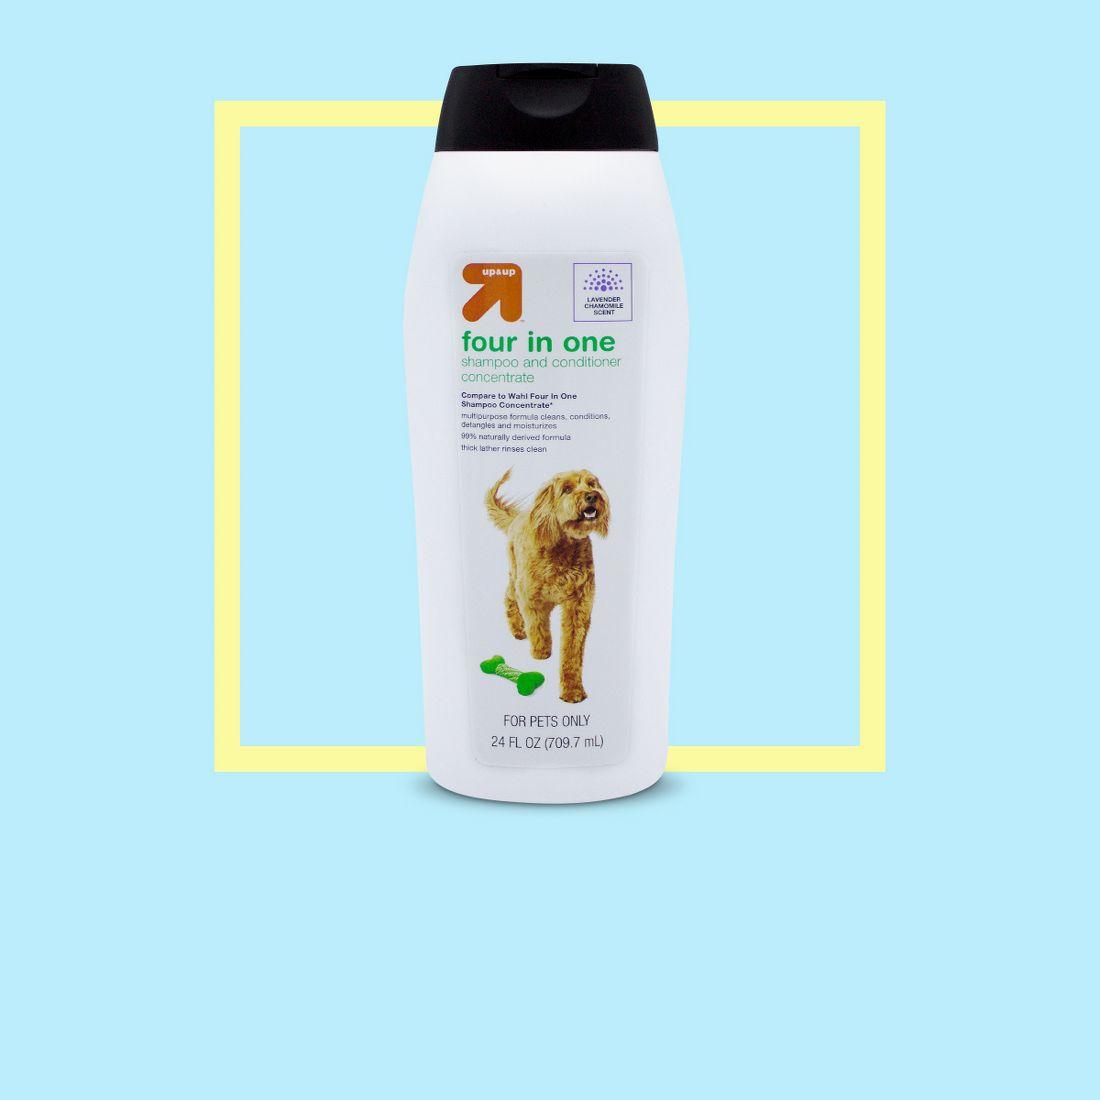 4-in-1 Dog Shampoo